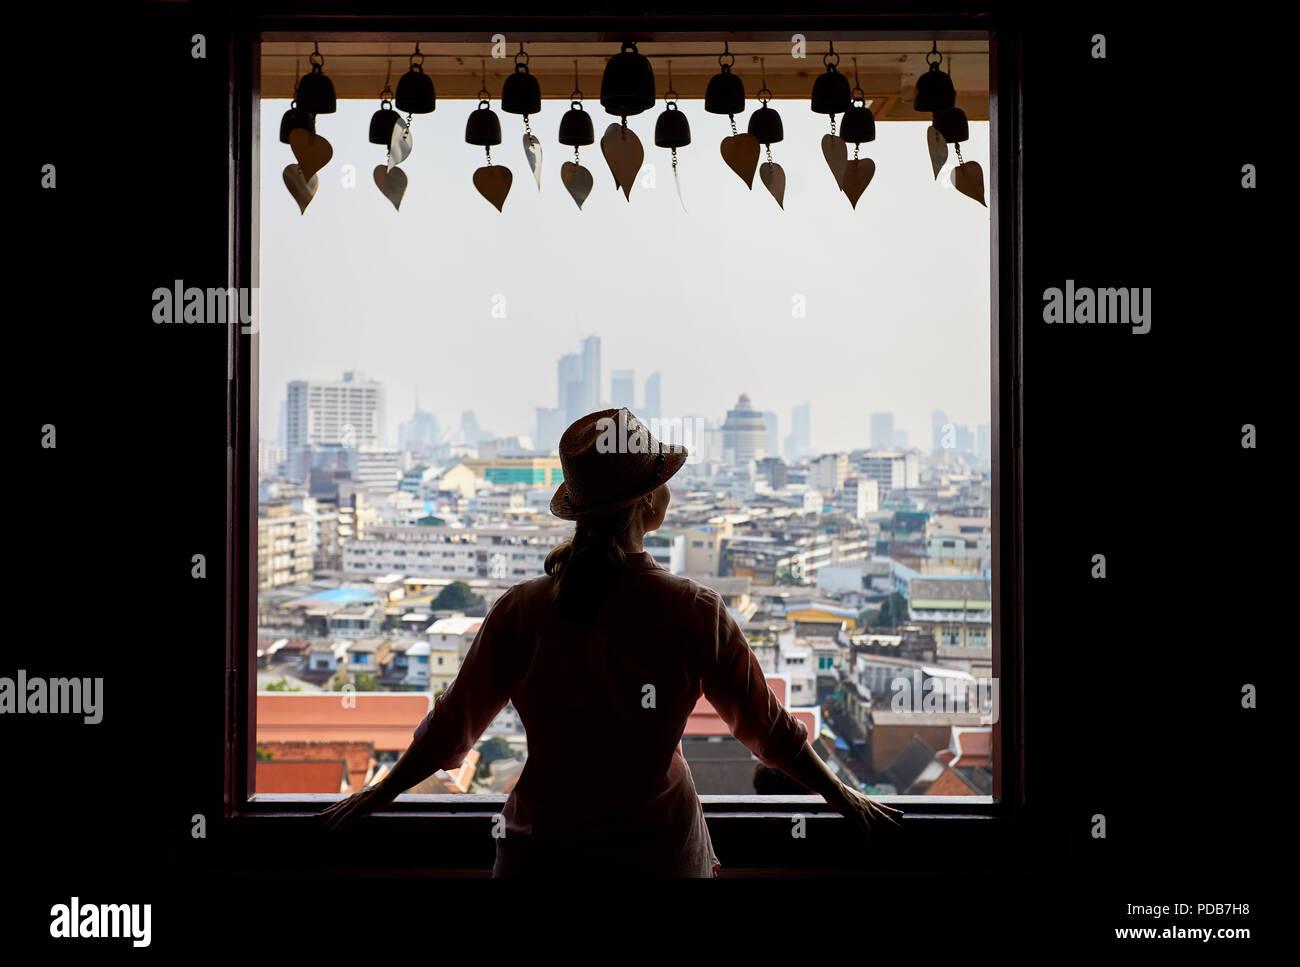 Silhouette di donna turistica cercando nella finestra per Bangkok City View grattacieli del quartiere degli affari da Golden Mountain Pagoda Wat Saket al coperto Foto Stock